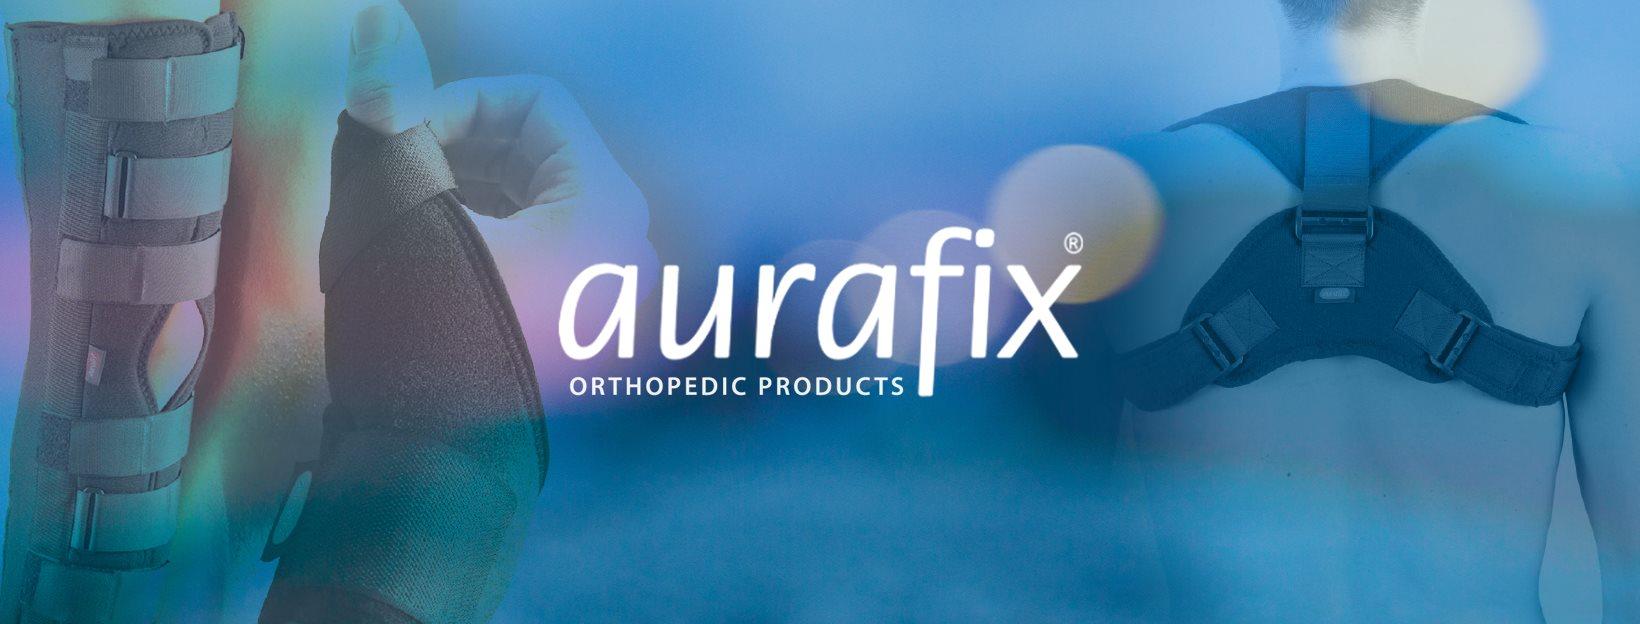 AURAFIX-banner